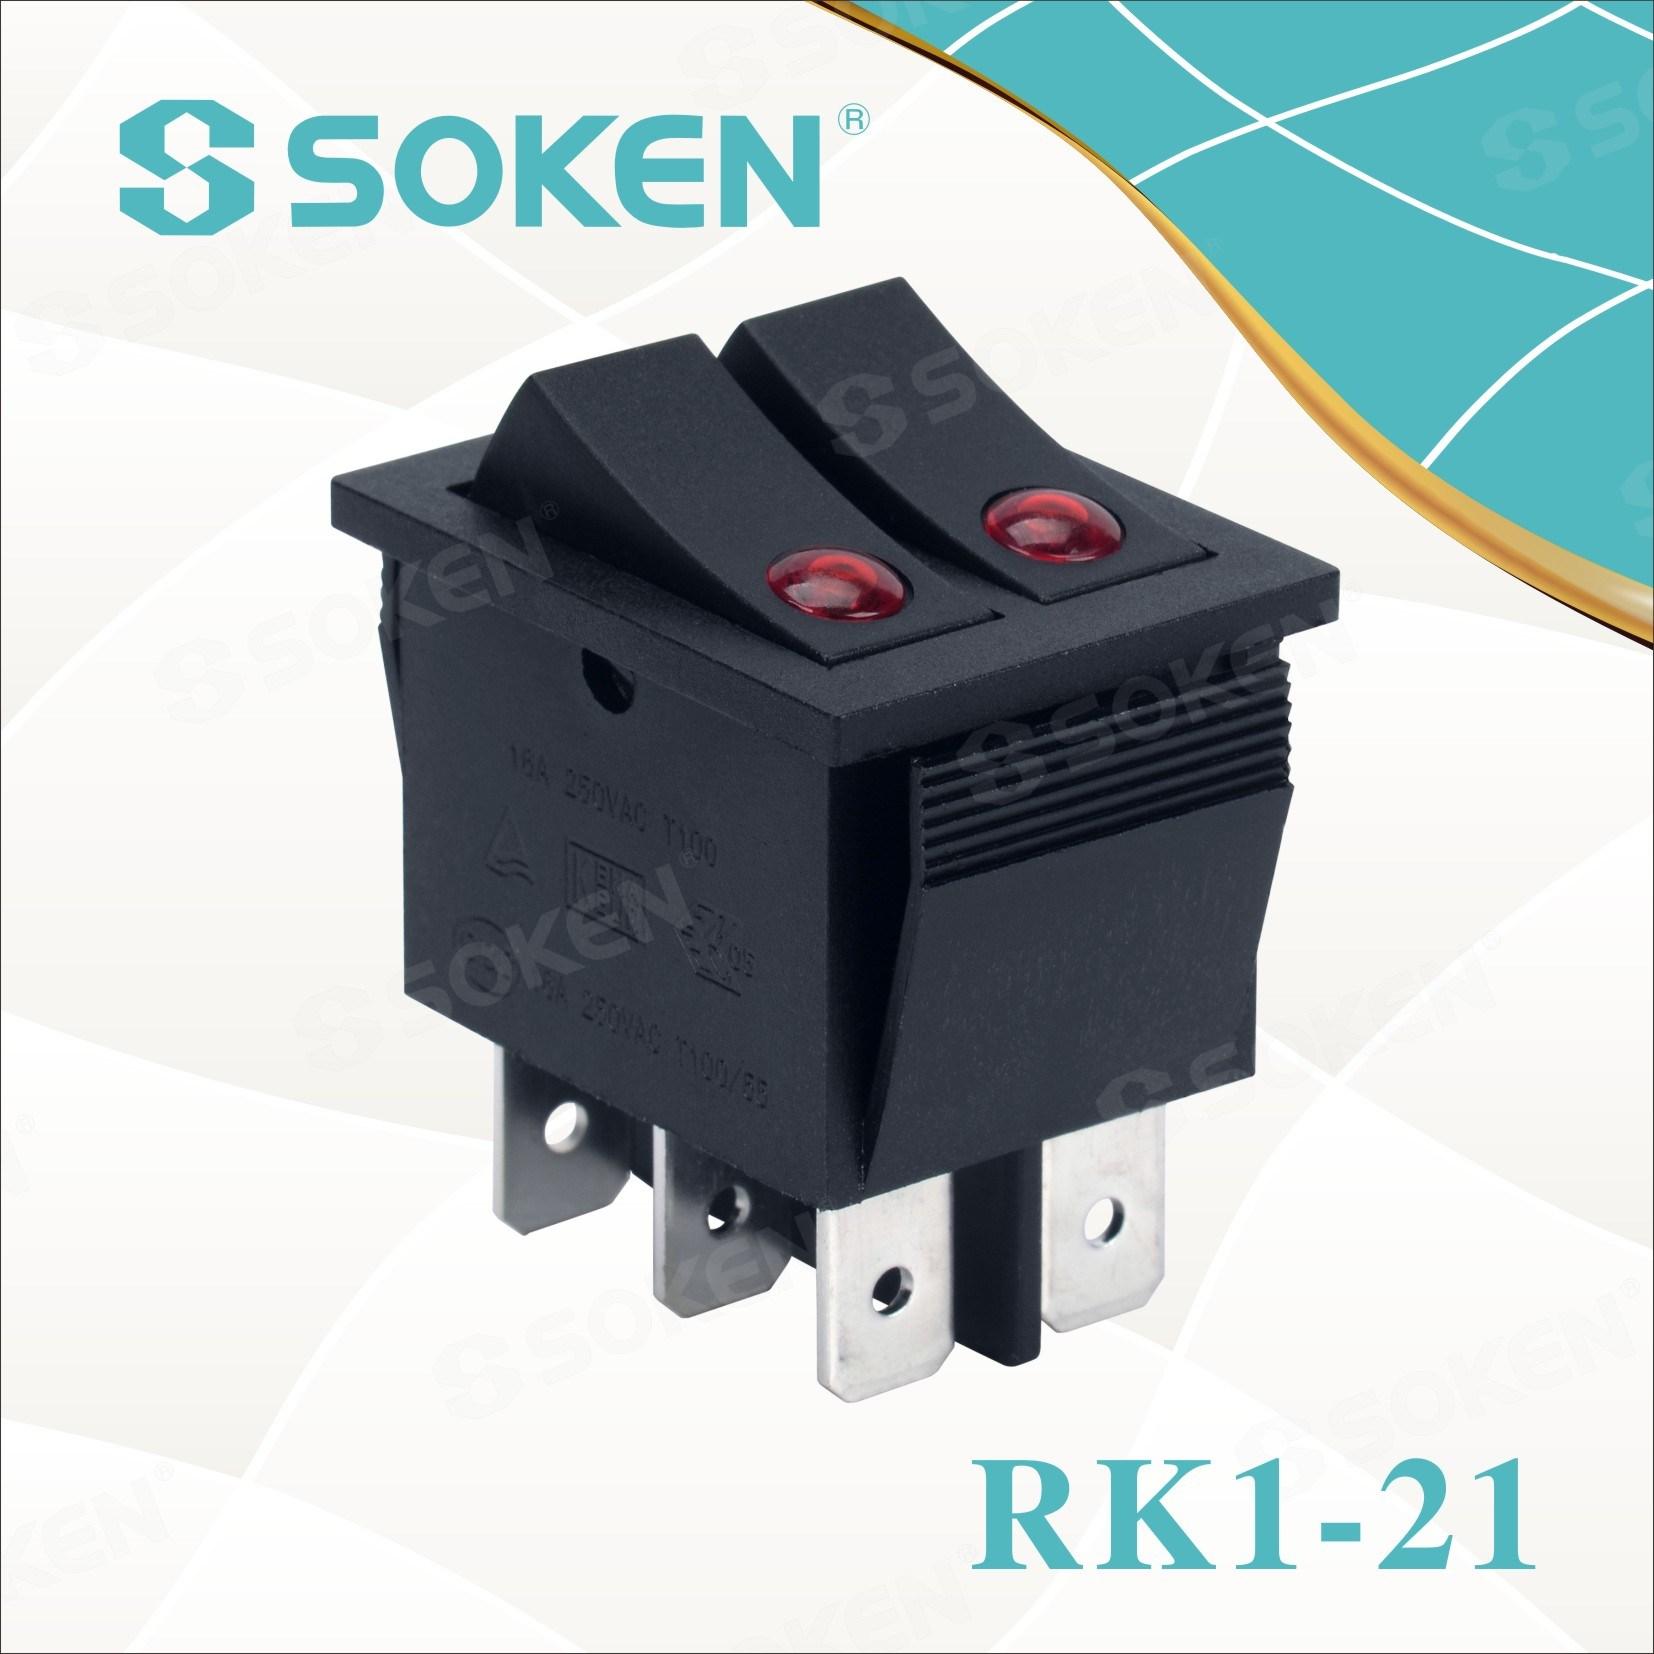 Soken Rk1-21 Lens on off Illuminated Double Rocker Switch